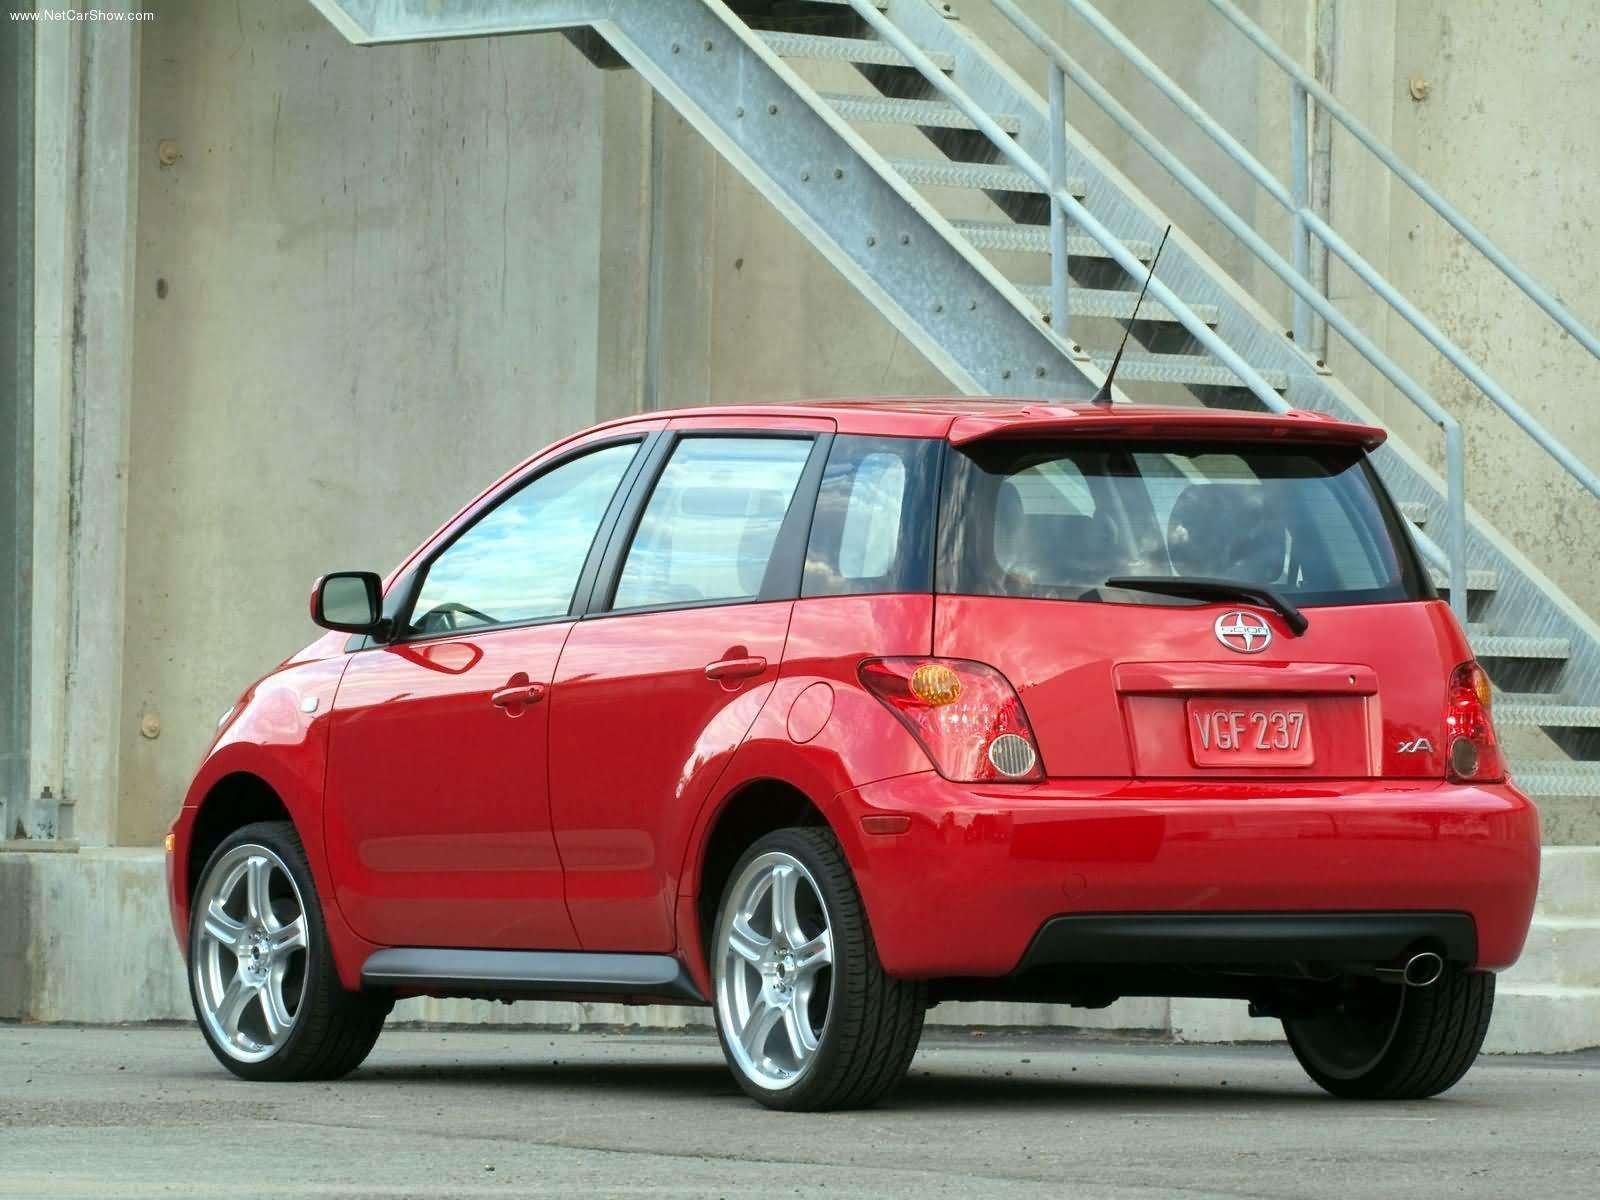 Hình ảnh xe ô tô Scion TRDEquipped xA Release Series 1.0 2005 & nội ngoại thất